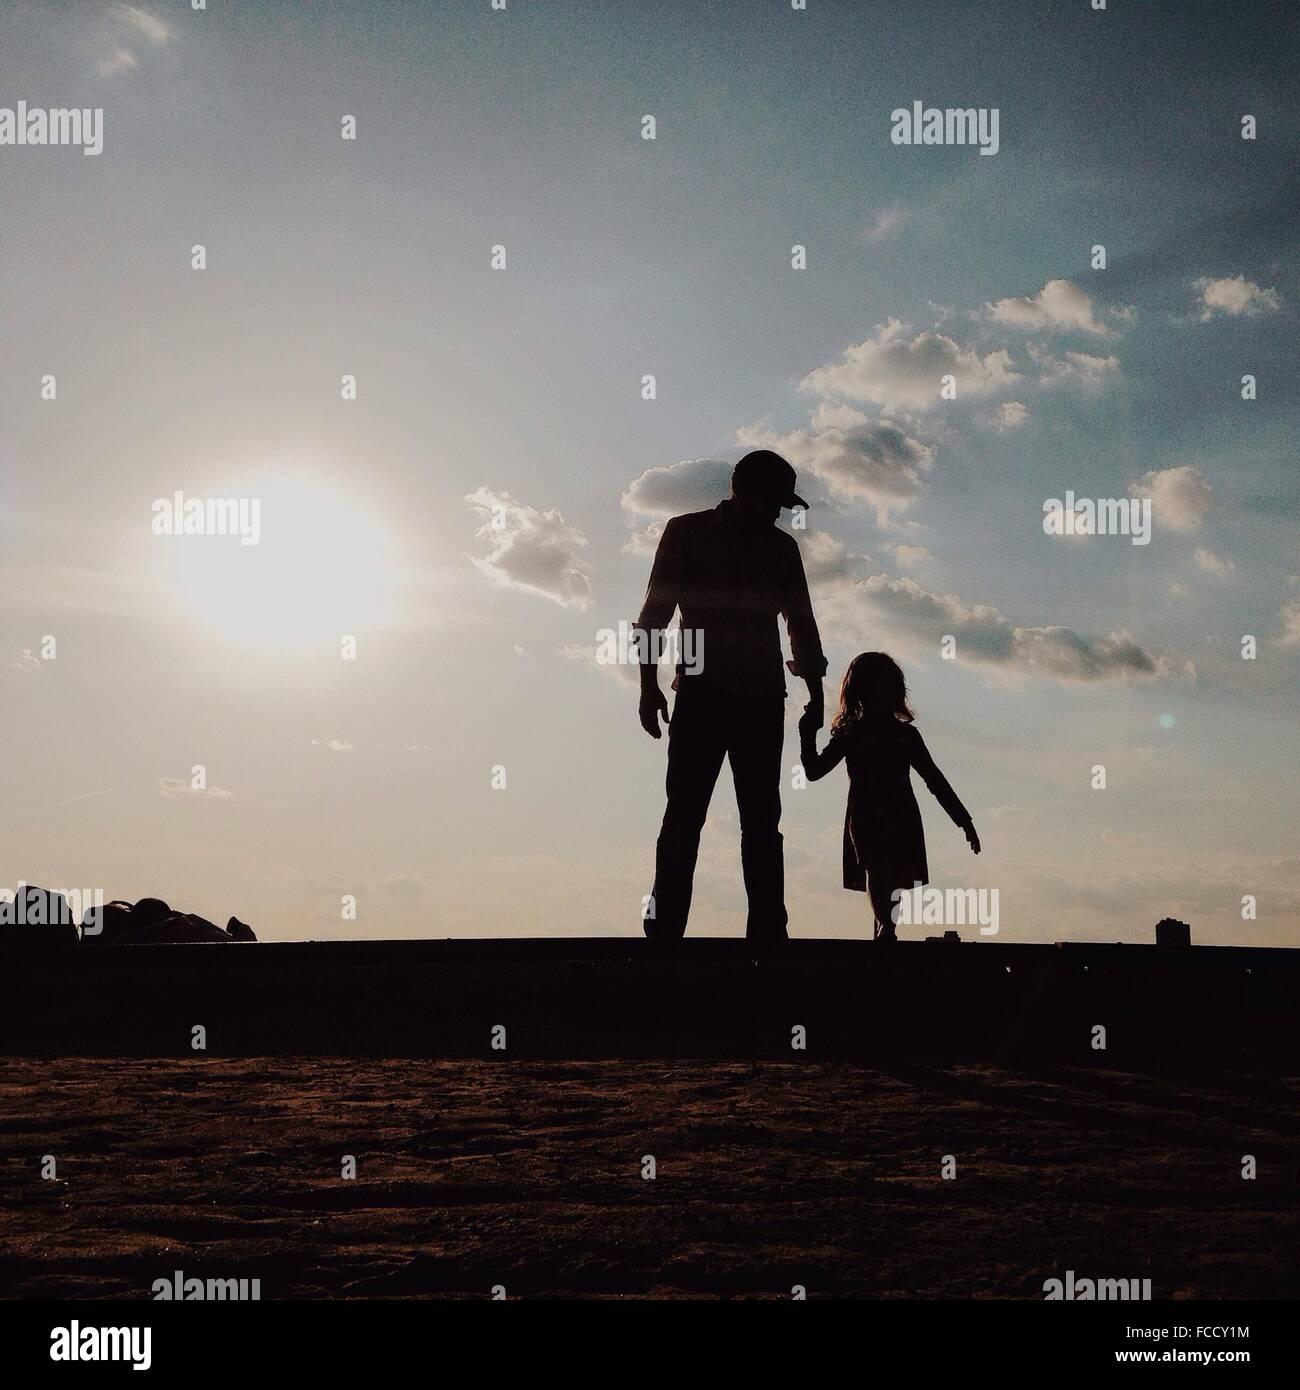 Silhouette Vater mit Tochter auf Feld gegen Himmel stehen Stockbild